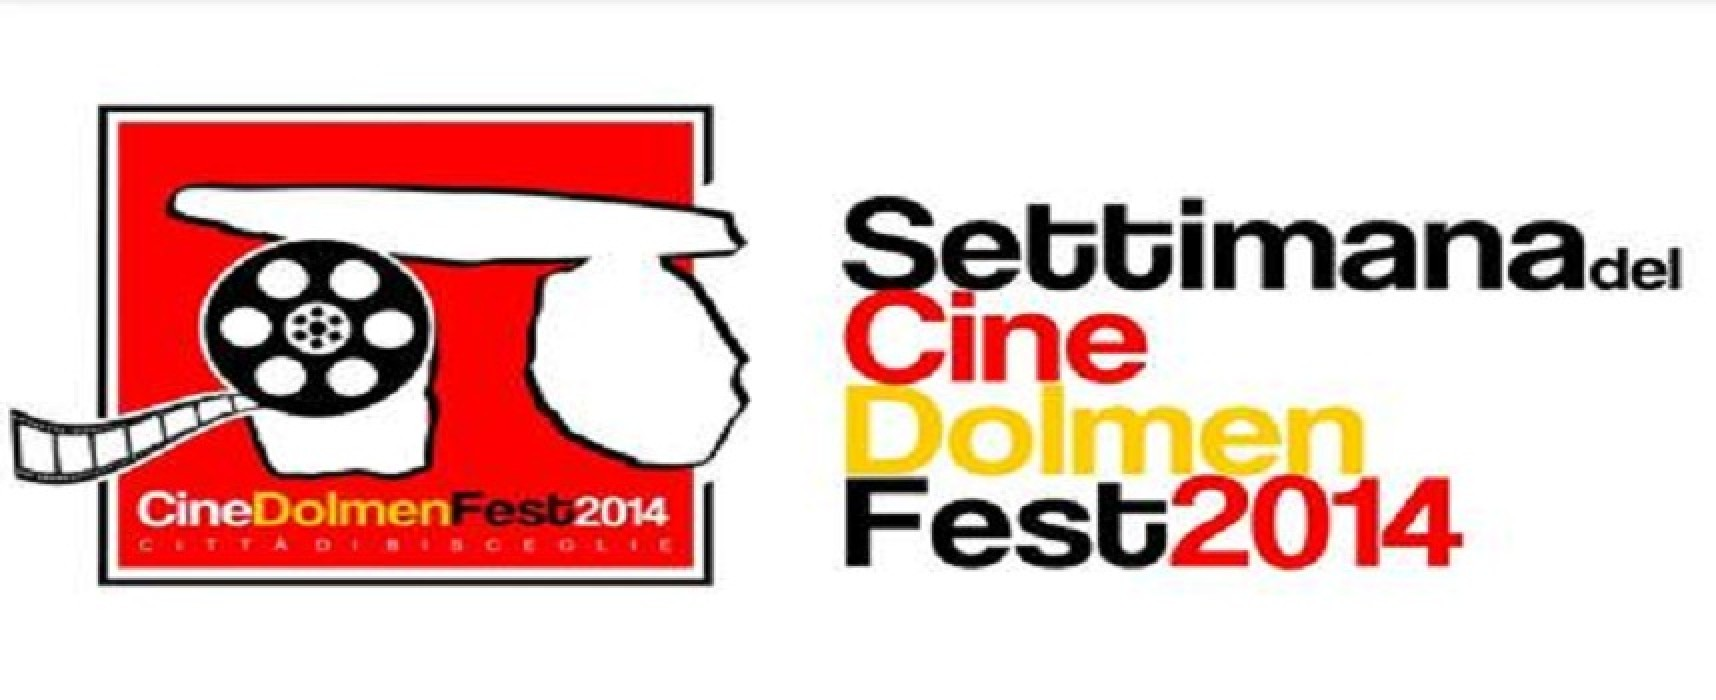 """CineDolmenFest, la festa del cast del film """"La Scelta"""" è stata anticipata a Martedi 29 Luglio"""